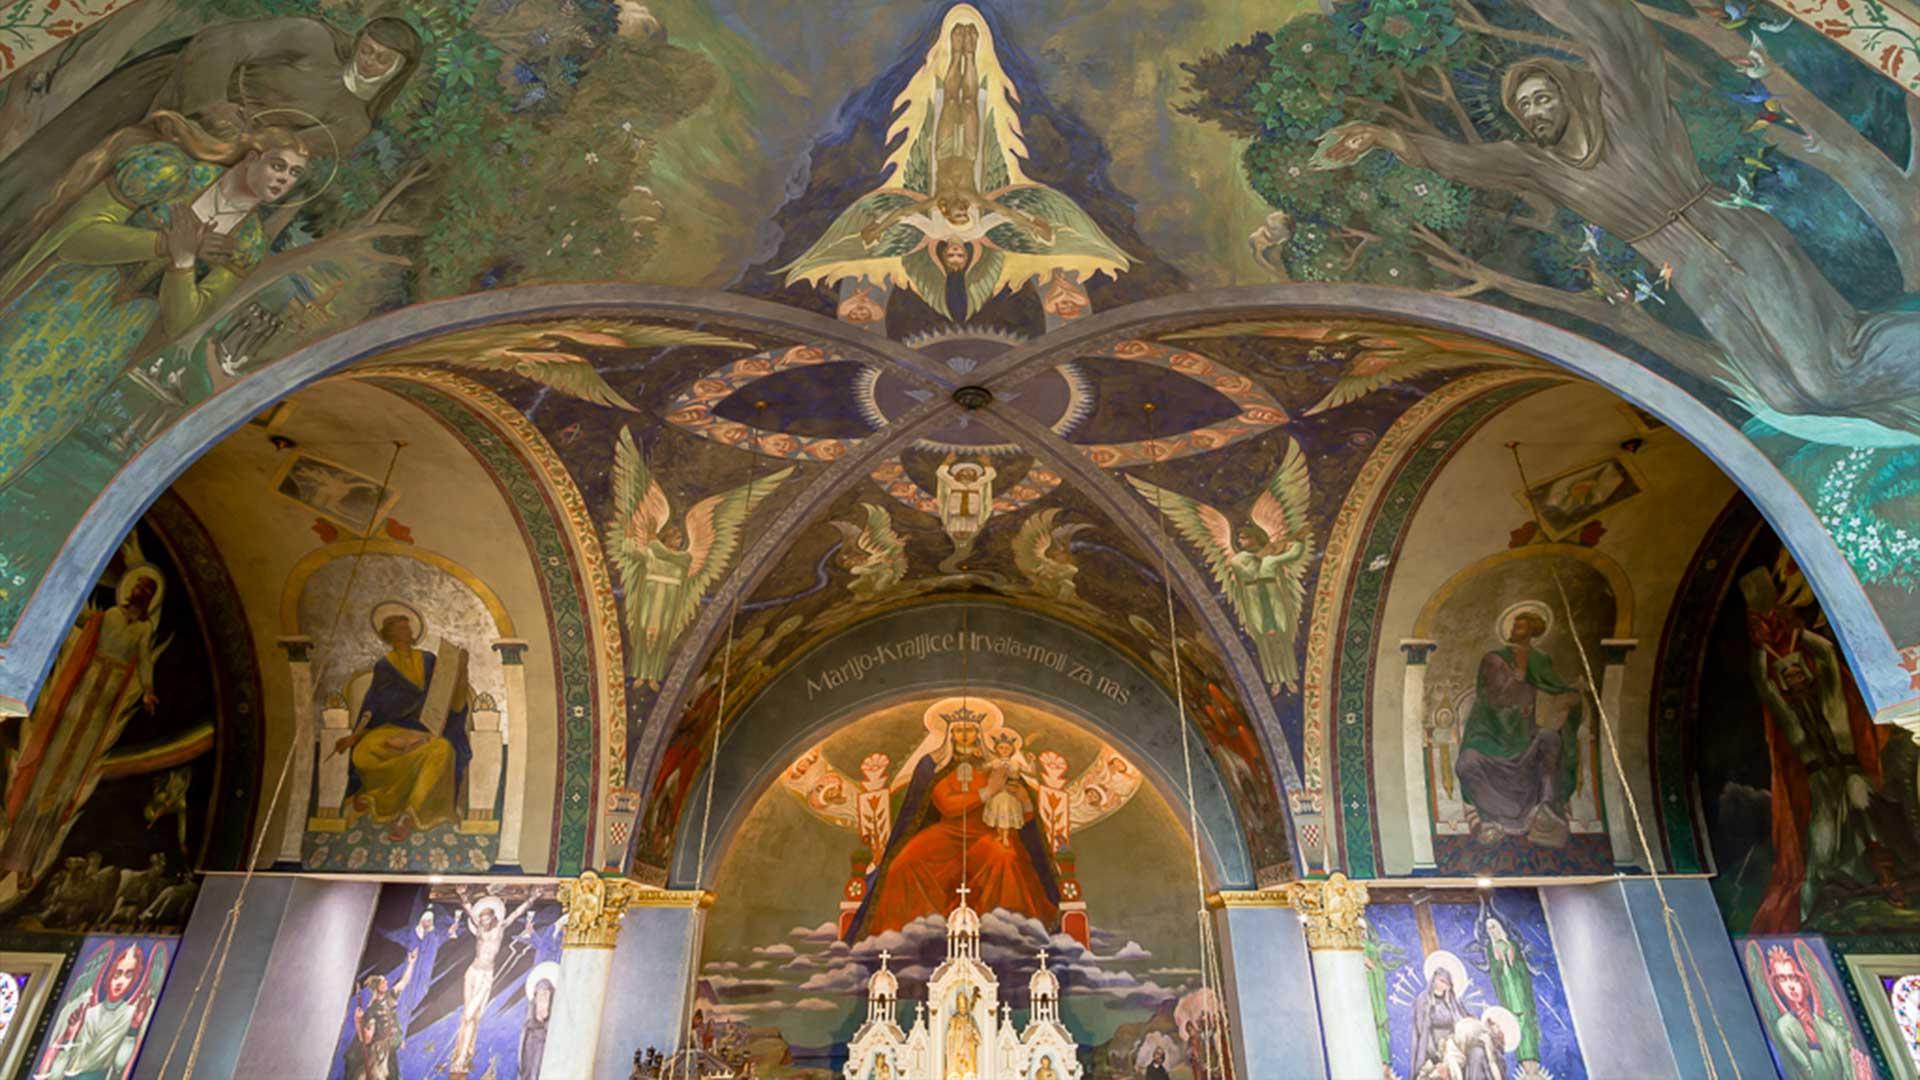 Ceiling of St. Nicholas Church Murals